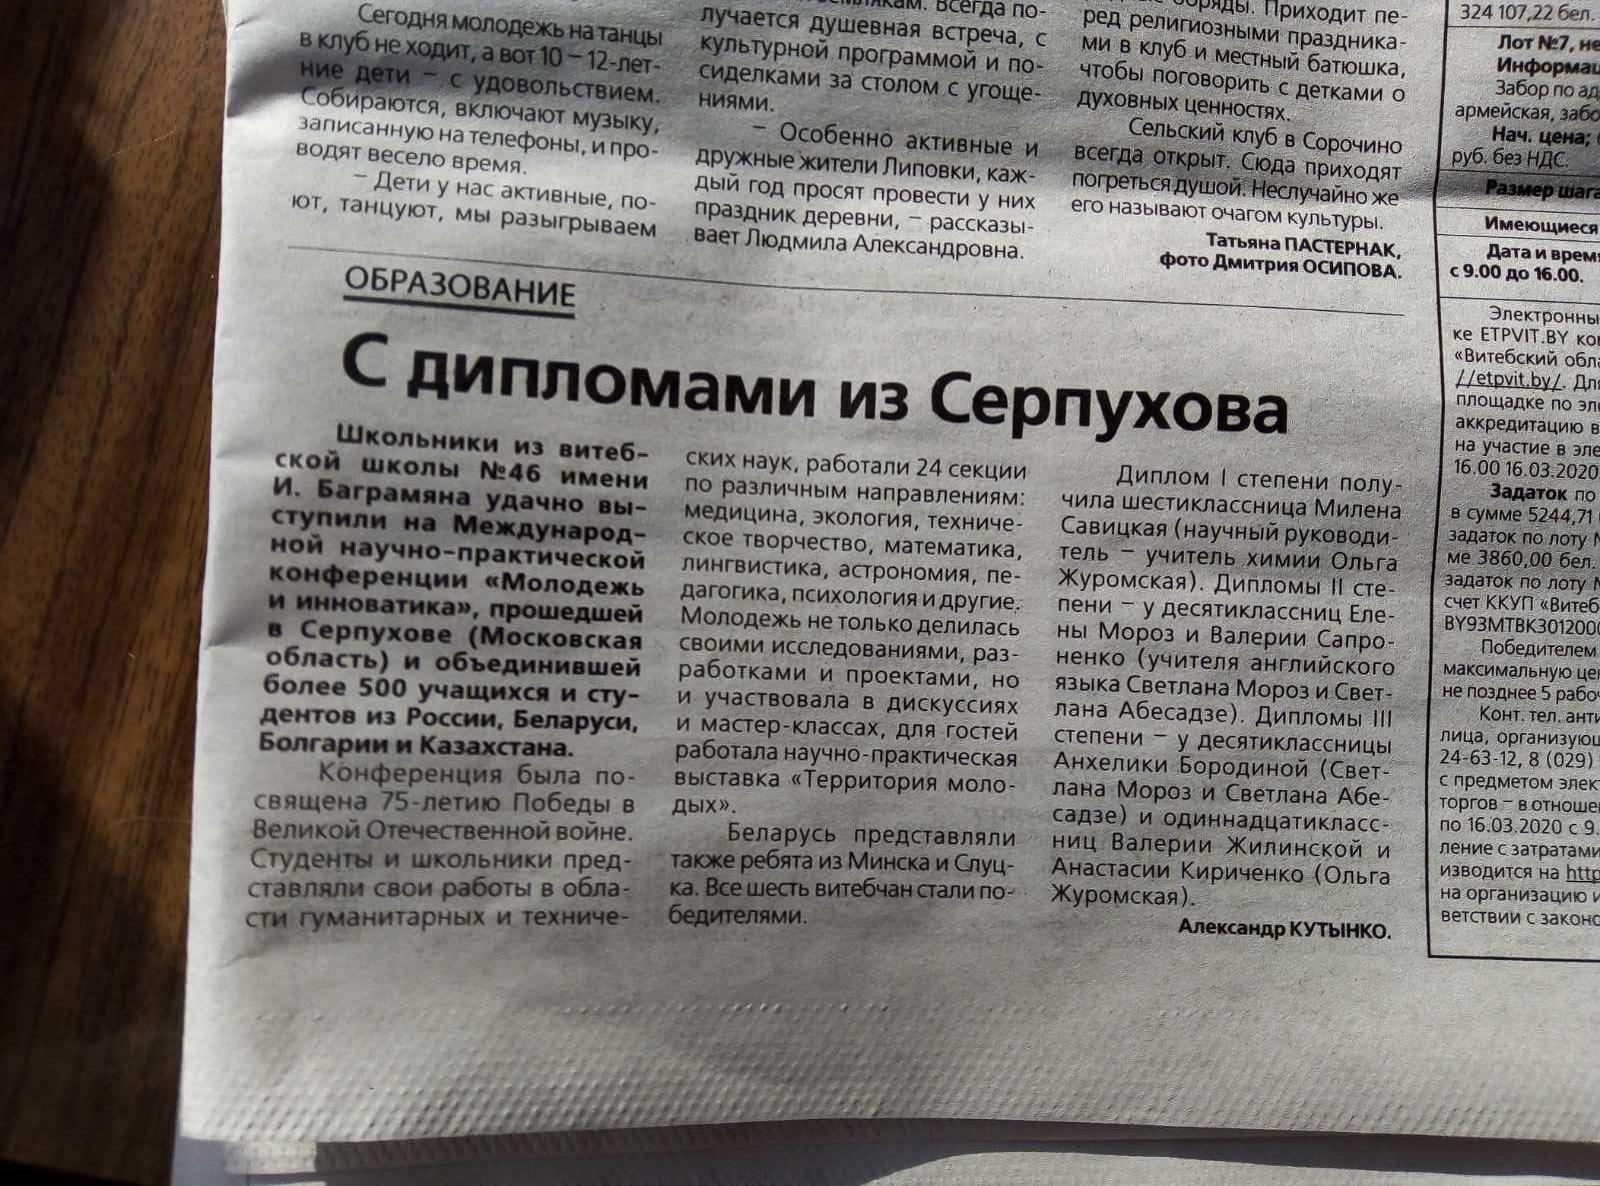 Витебские школьники удачно выступили на Международной научно-практической конференции «Молодежь и инноватика» в Серпухове